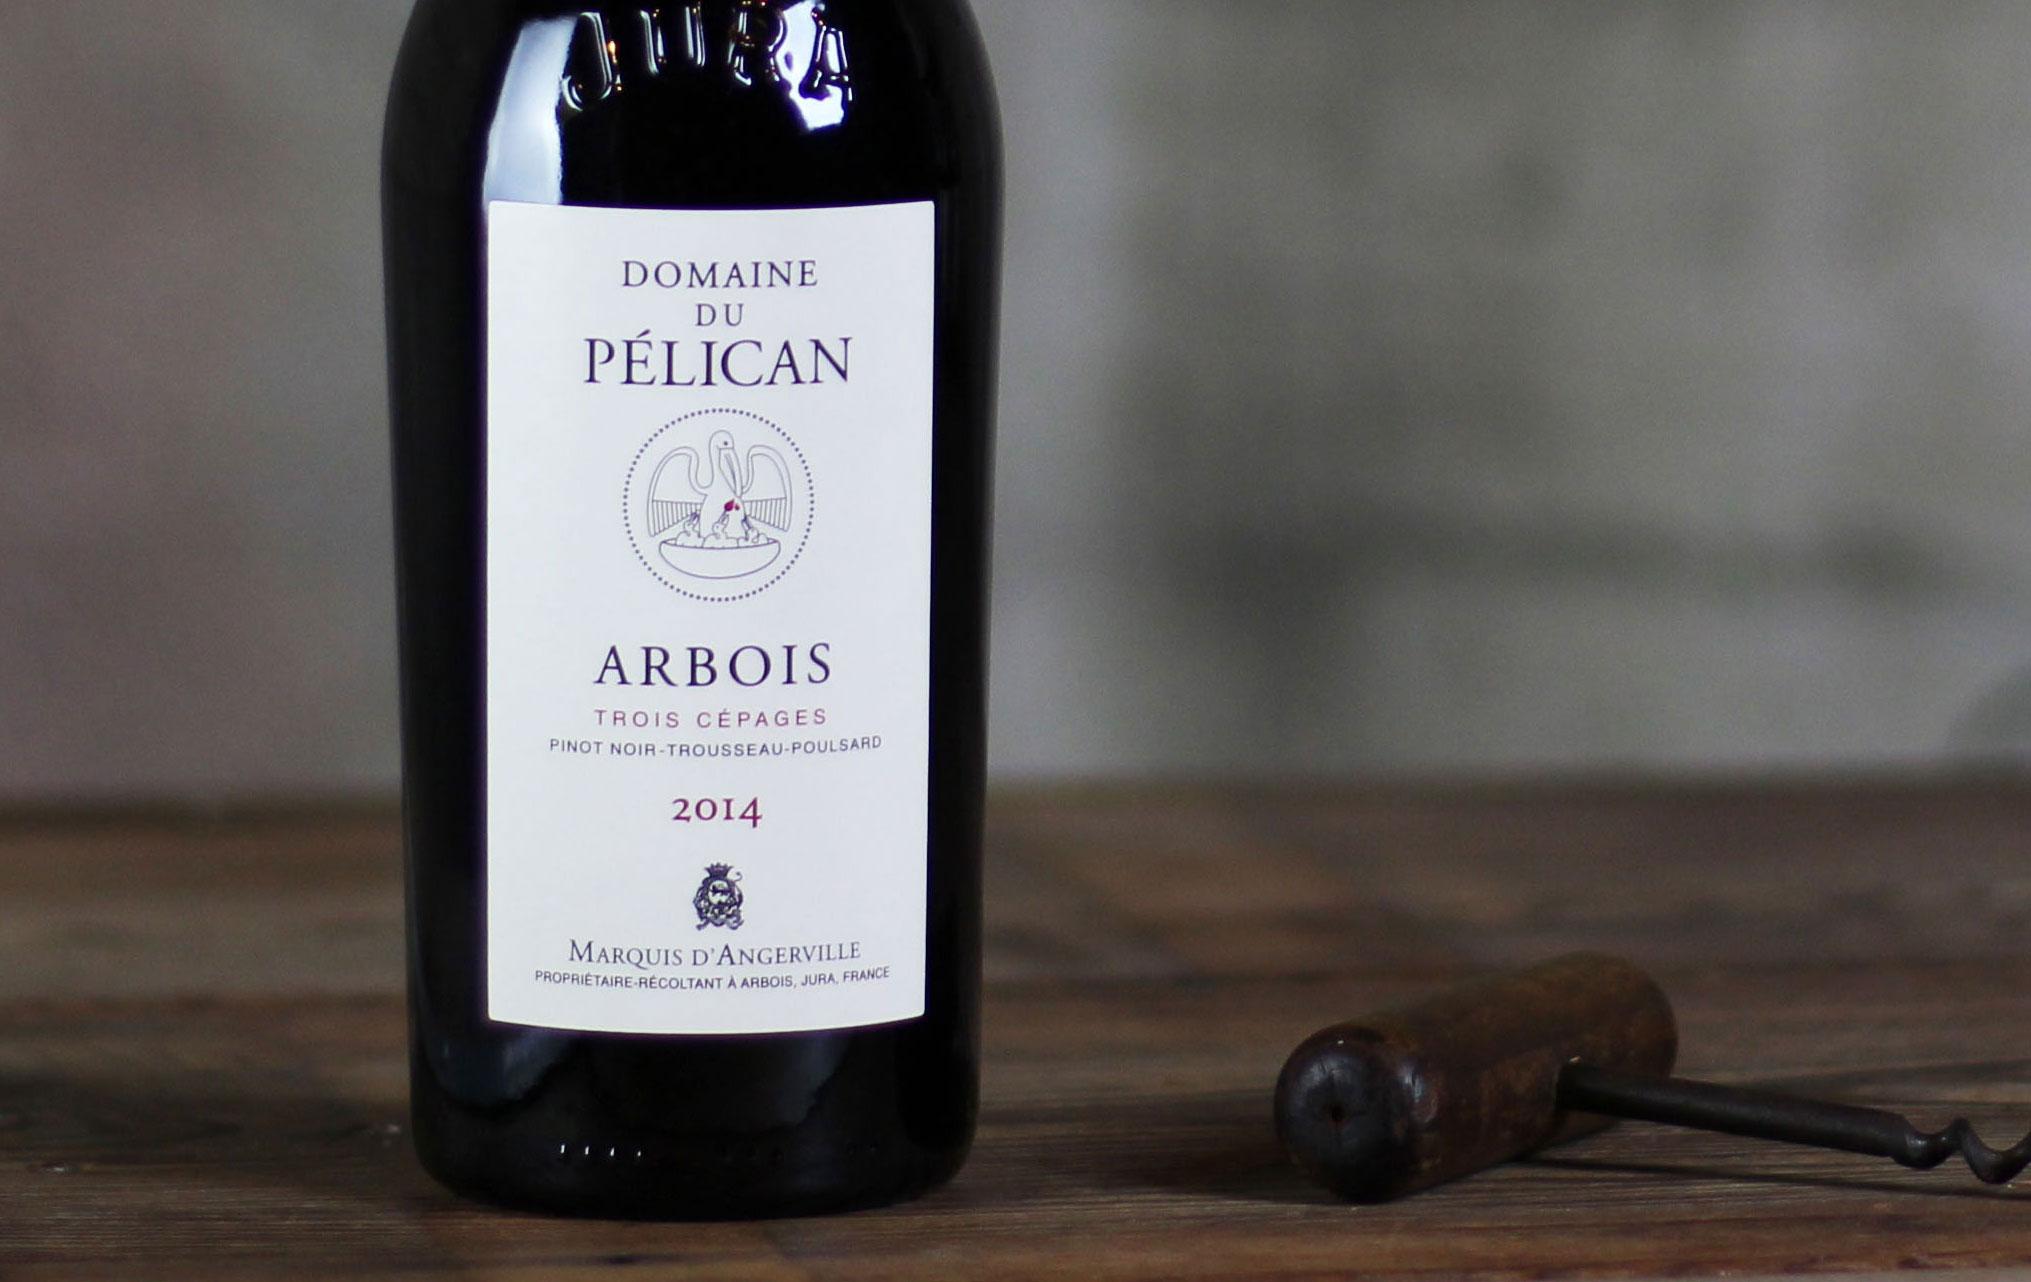 Bottiglia di Pelican, vino del Jura